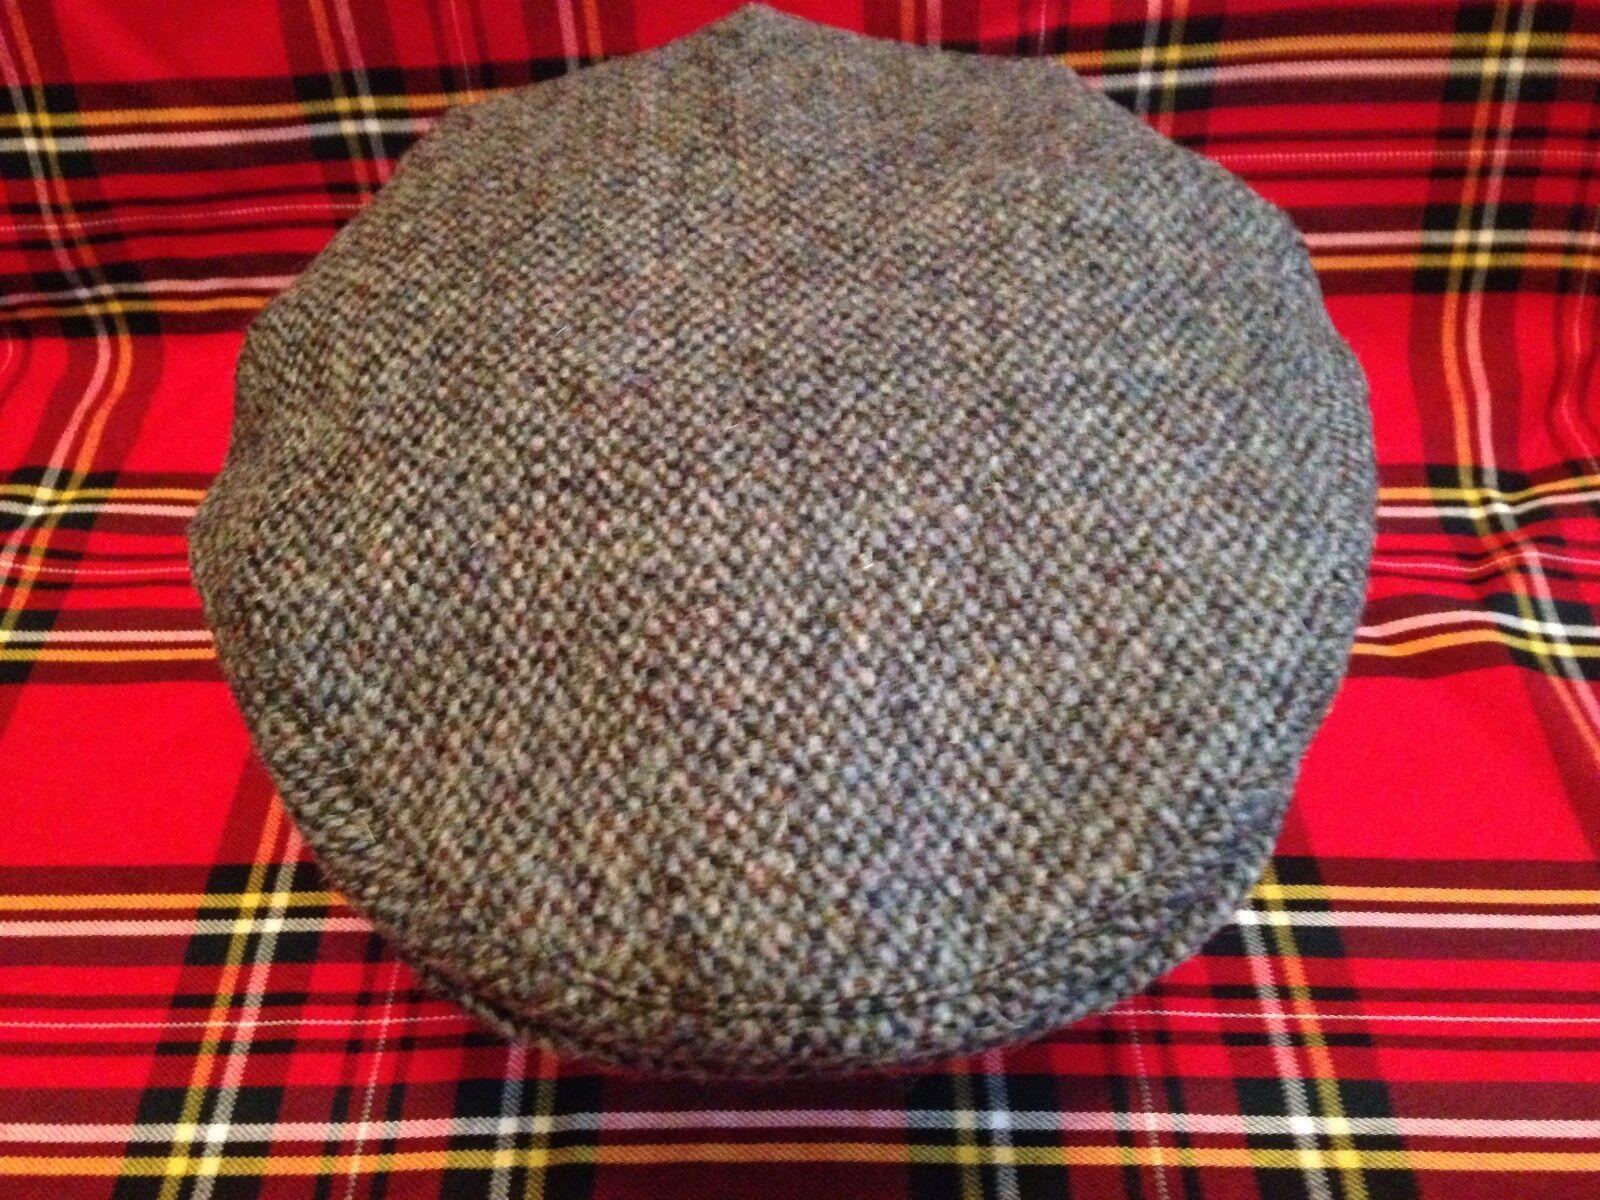 Herren meliert blau Harris Tweed Schiebermütze fahren Hut von Schottland